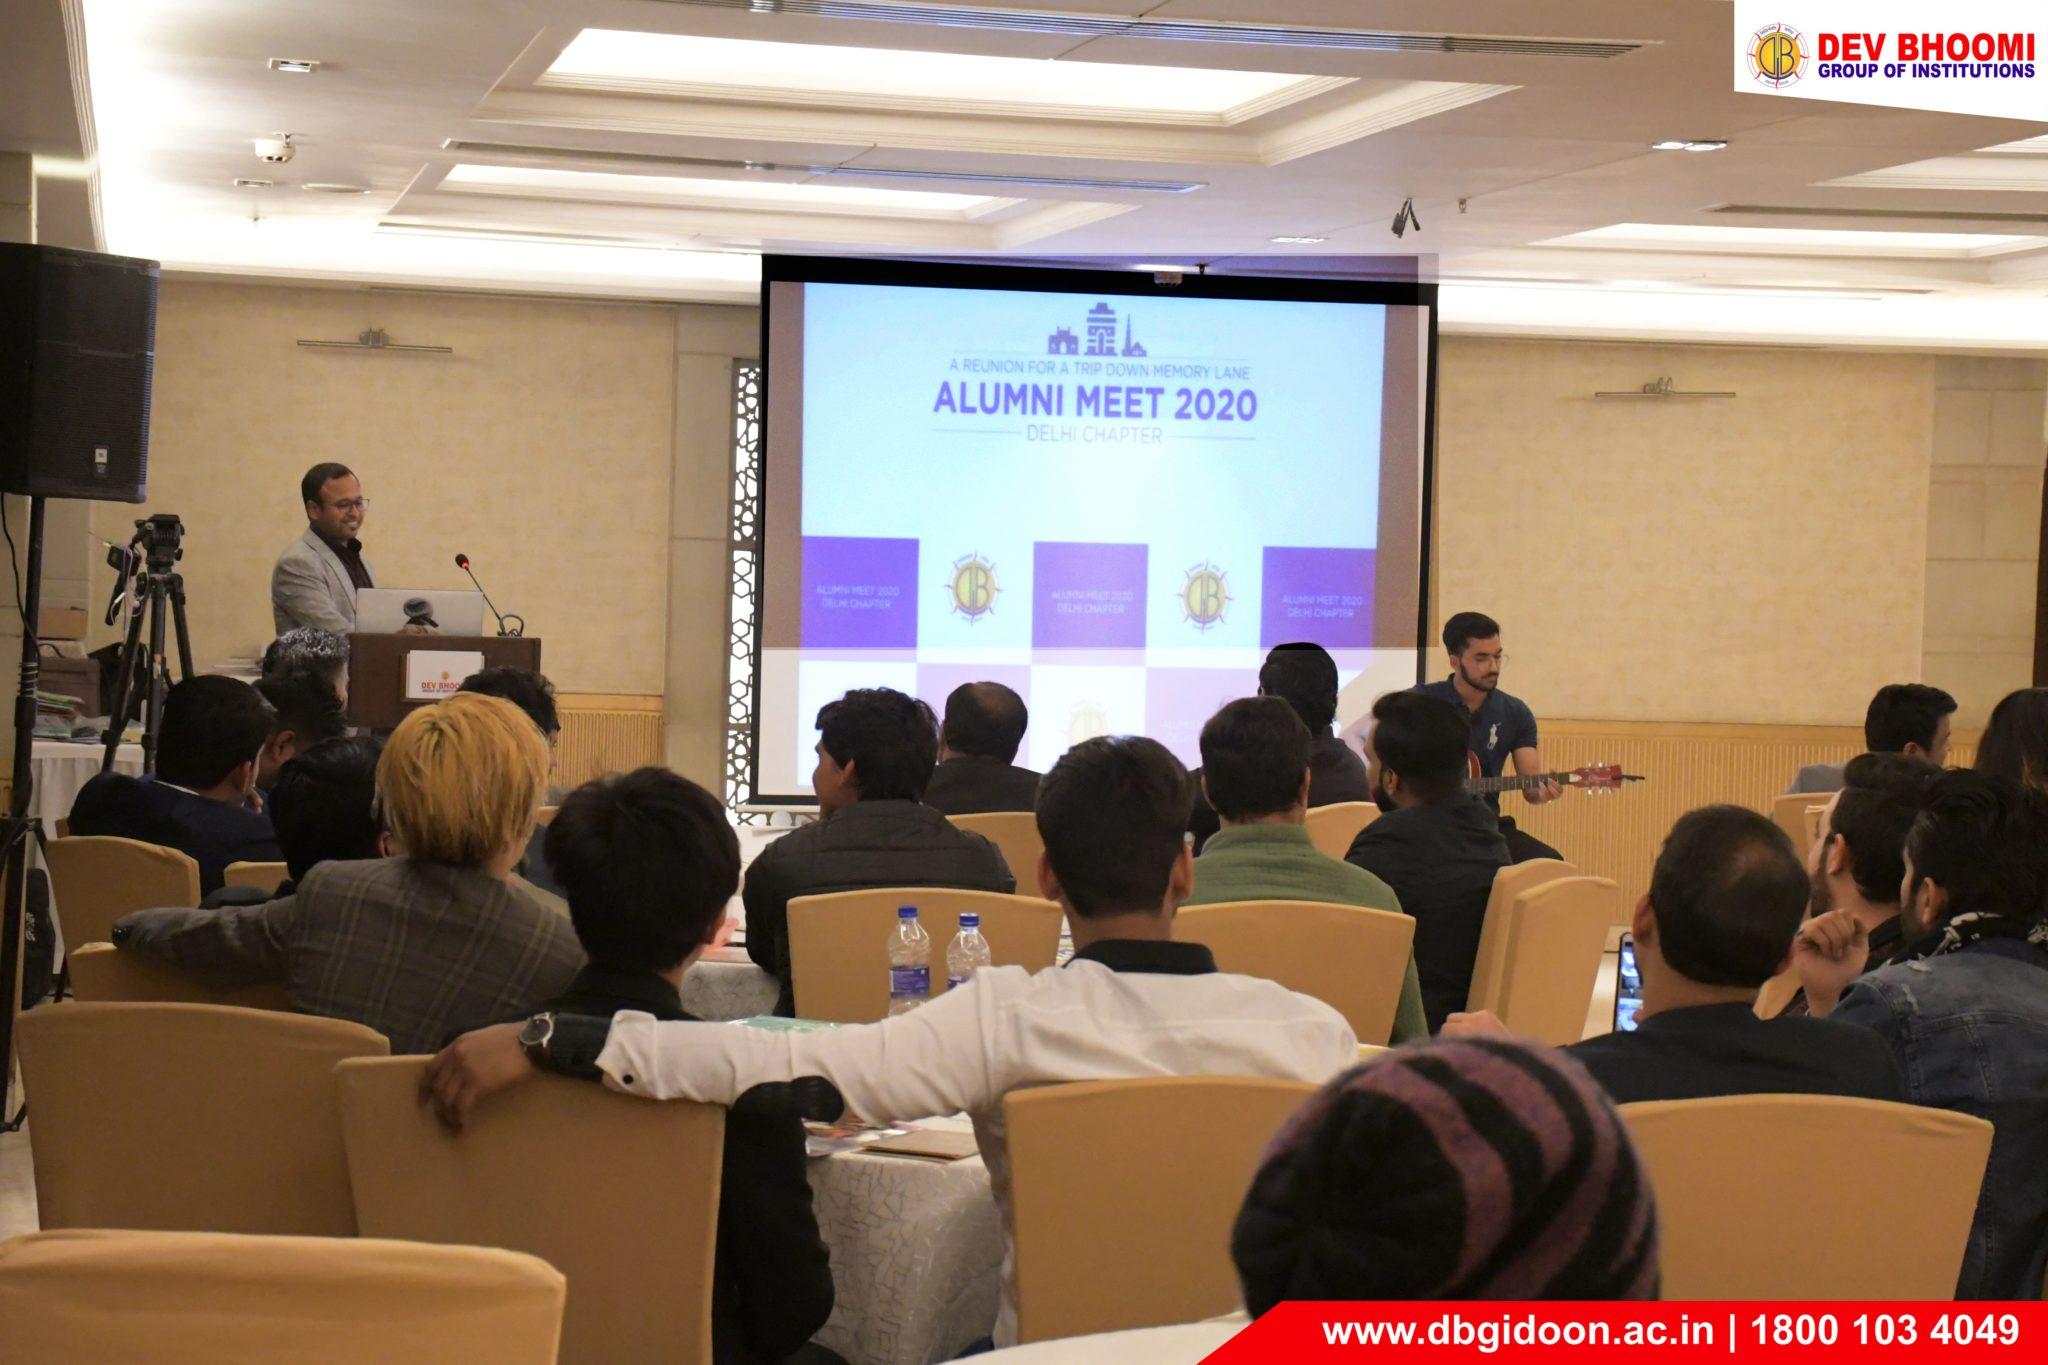 DBGI Alumni Meet 2020 – Delhi Chapter